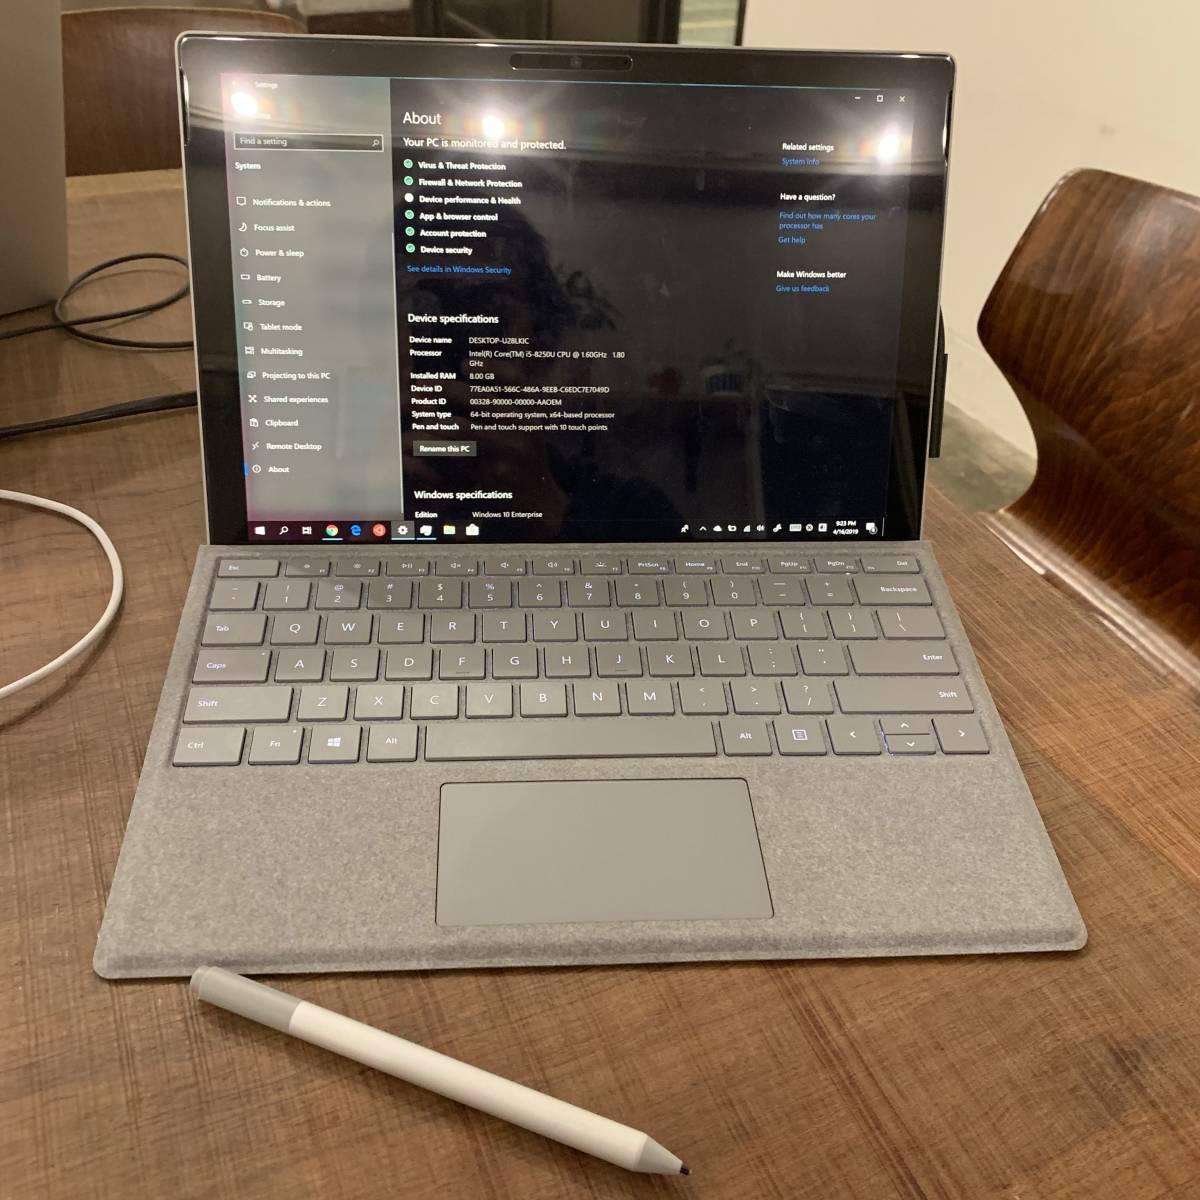 【美品】Surface Pro 6 model 1796 USキーボード 最新ペンシル付き SSD128GB, メモリ8GB、【全て箱付き】